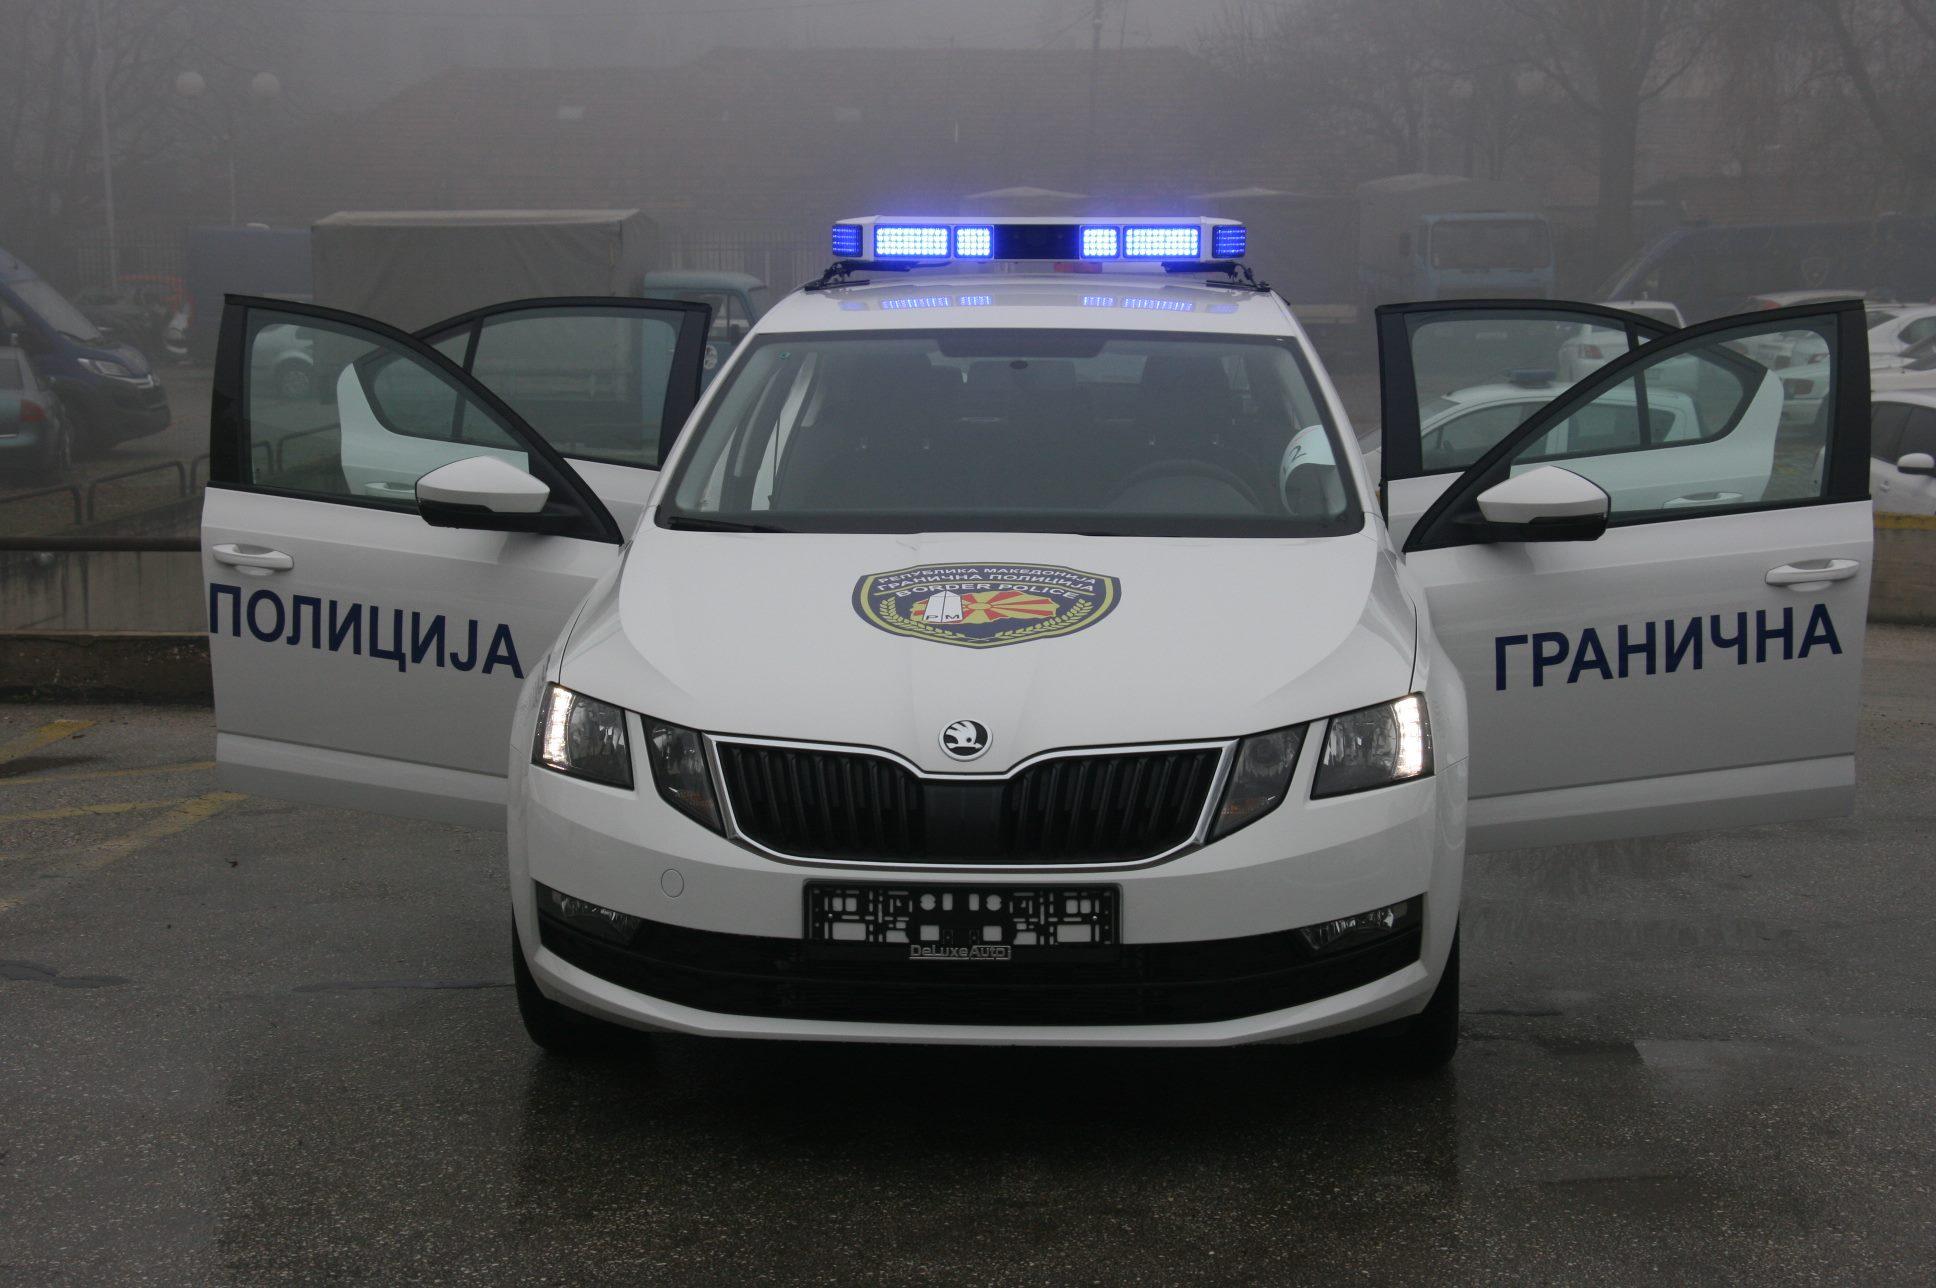 Полицијата се поднови со 45 нови  шкоди